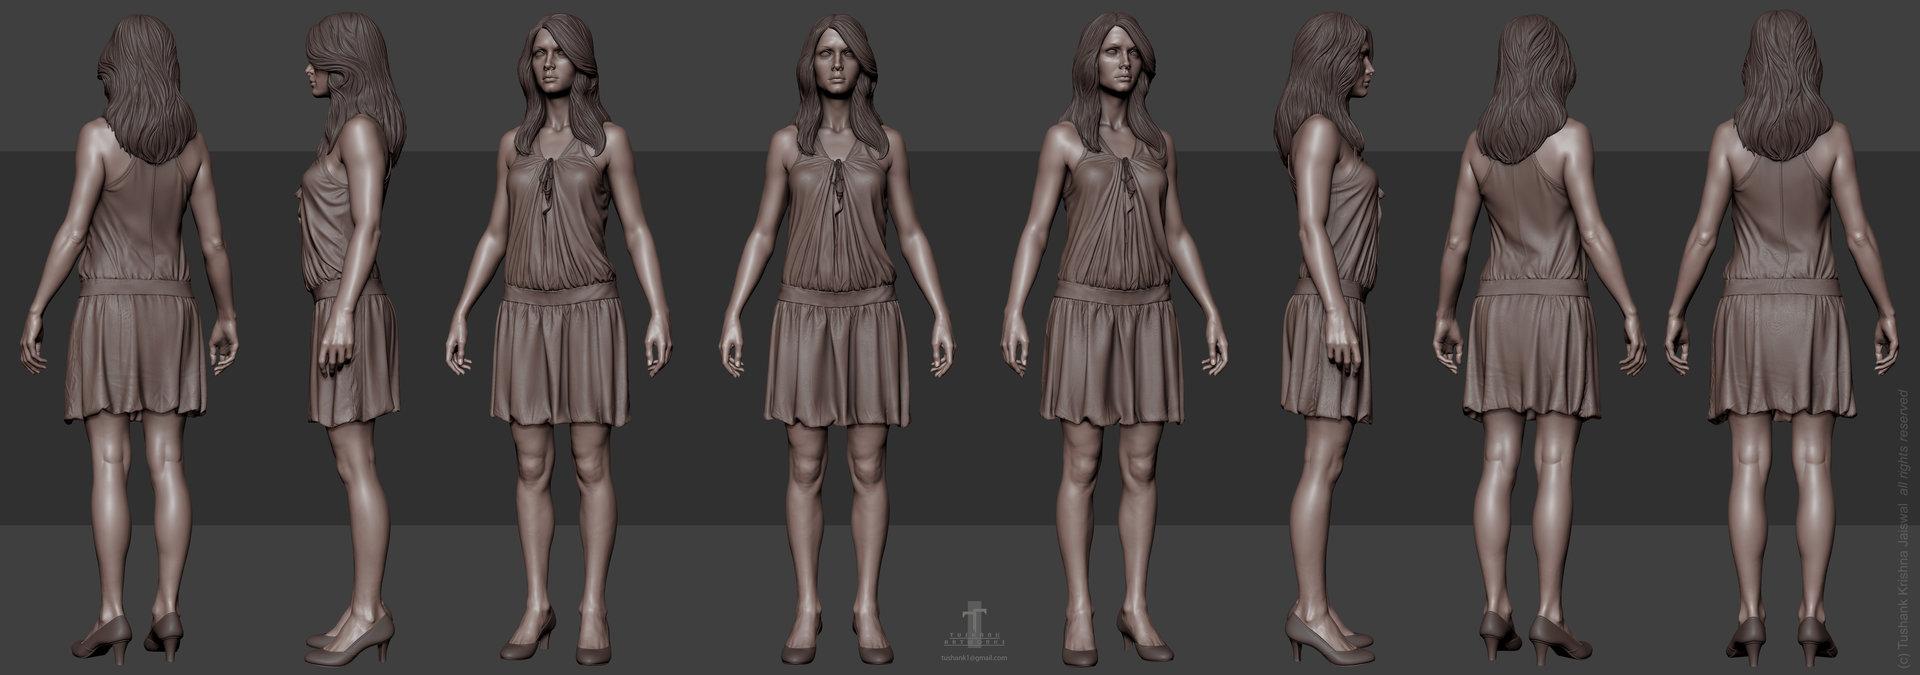 Tushank k jaiswal anatomy study female clothing 3